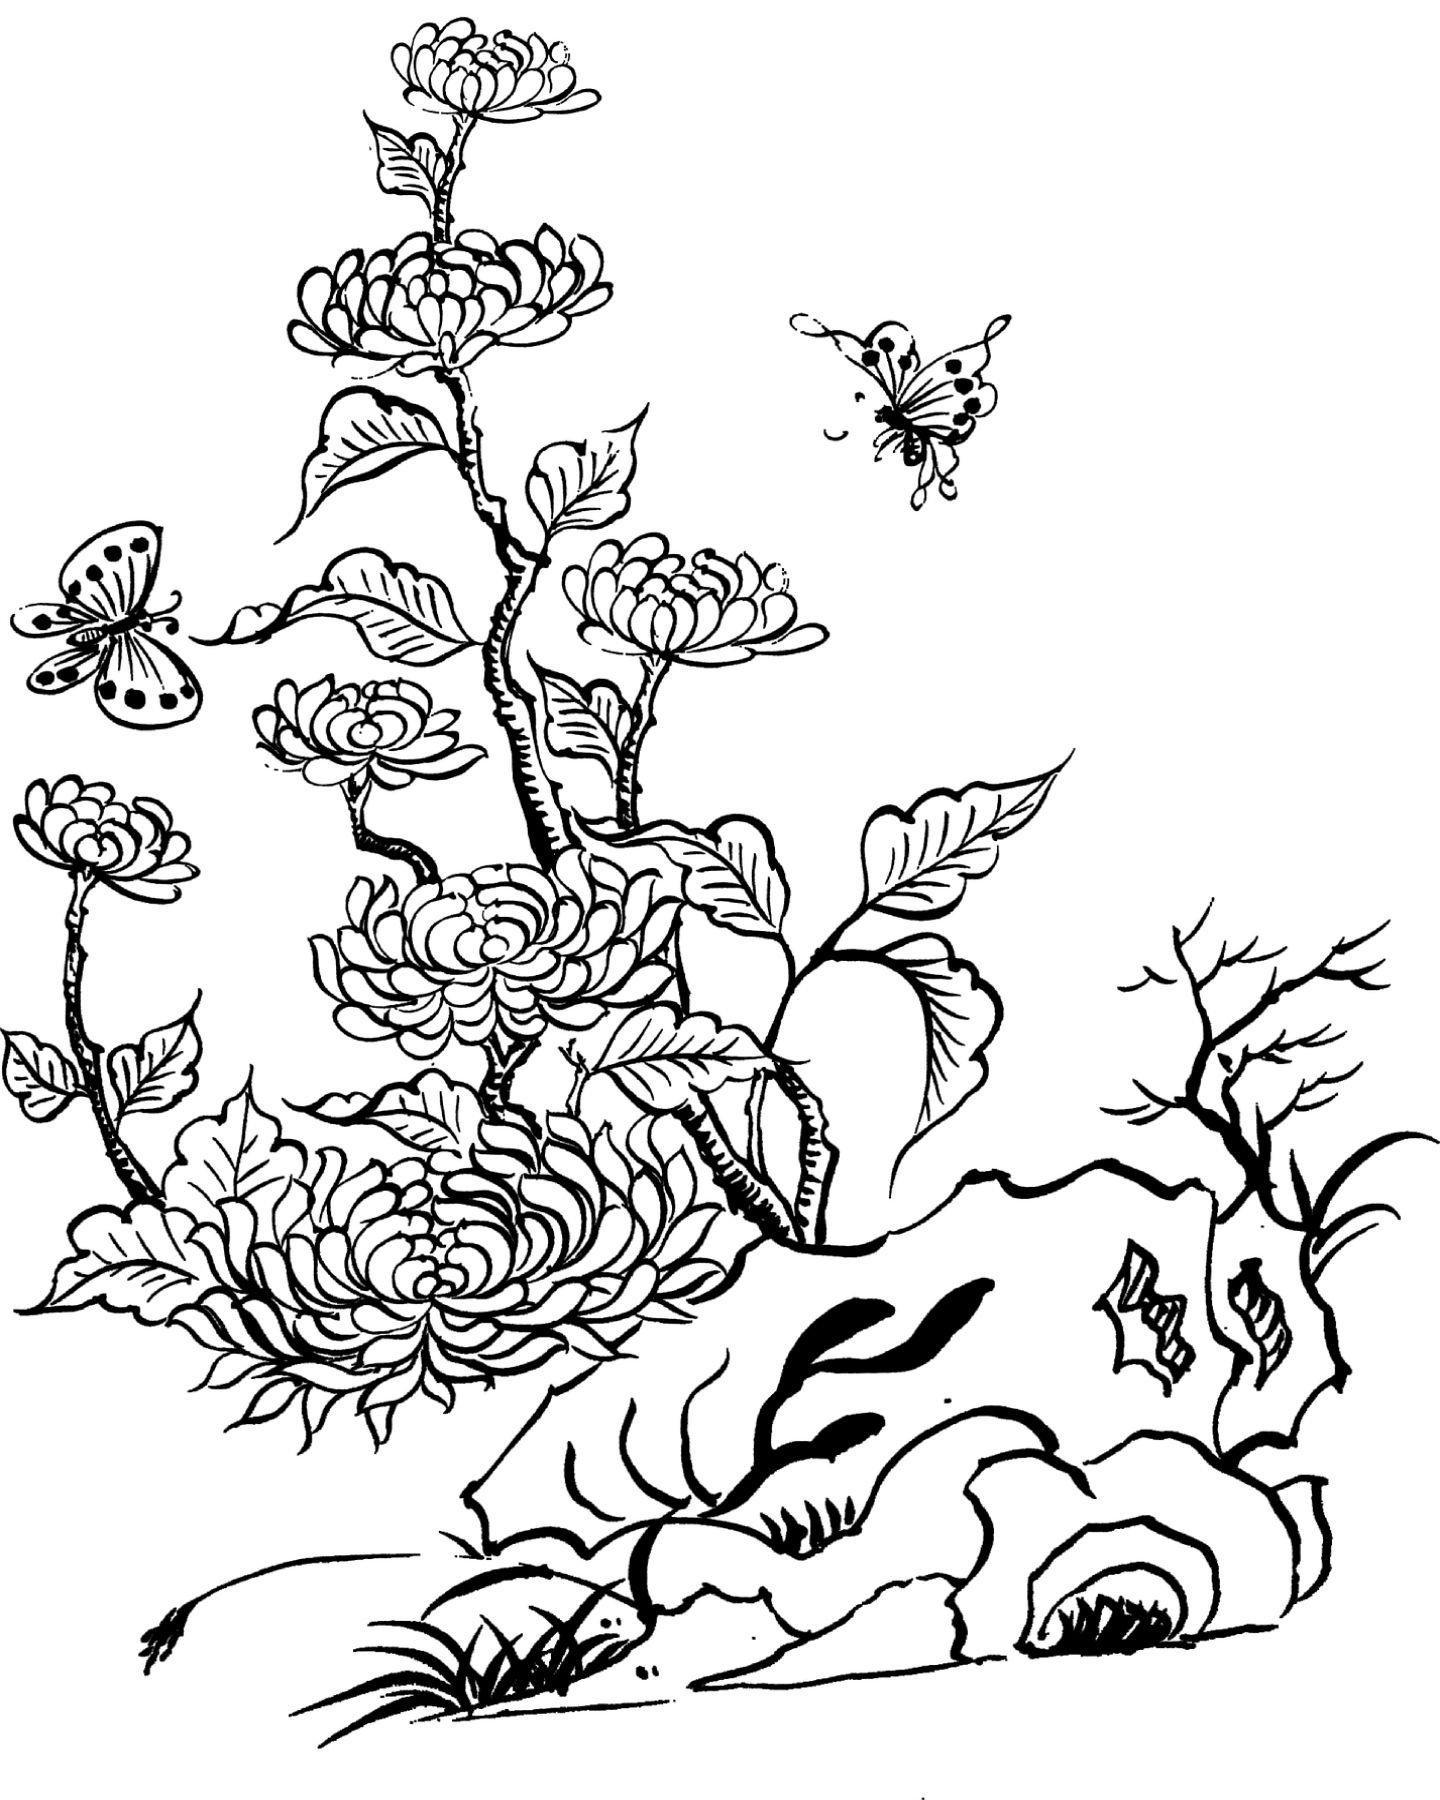 Tranh tô màu hoa cúc nghệ thuật